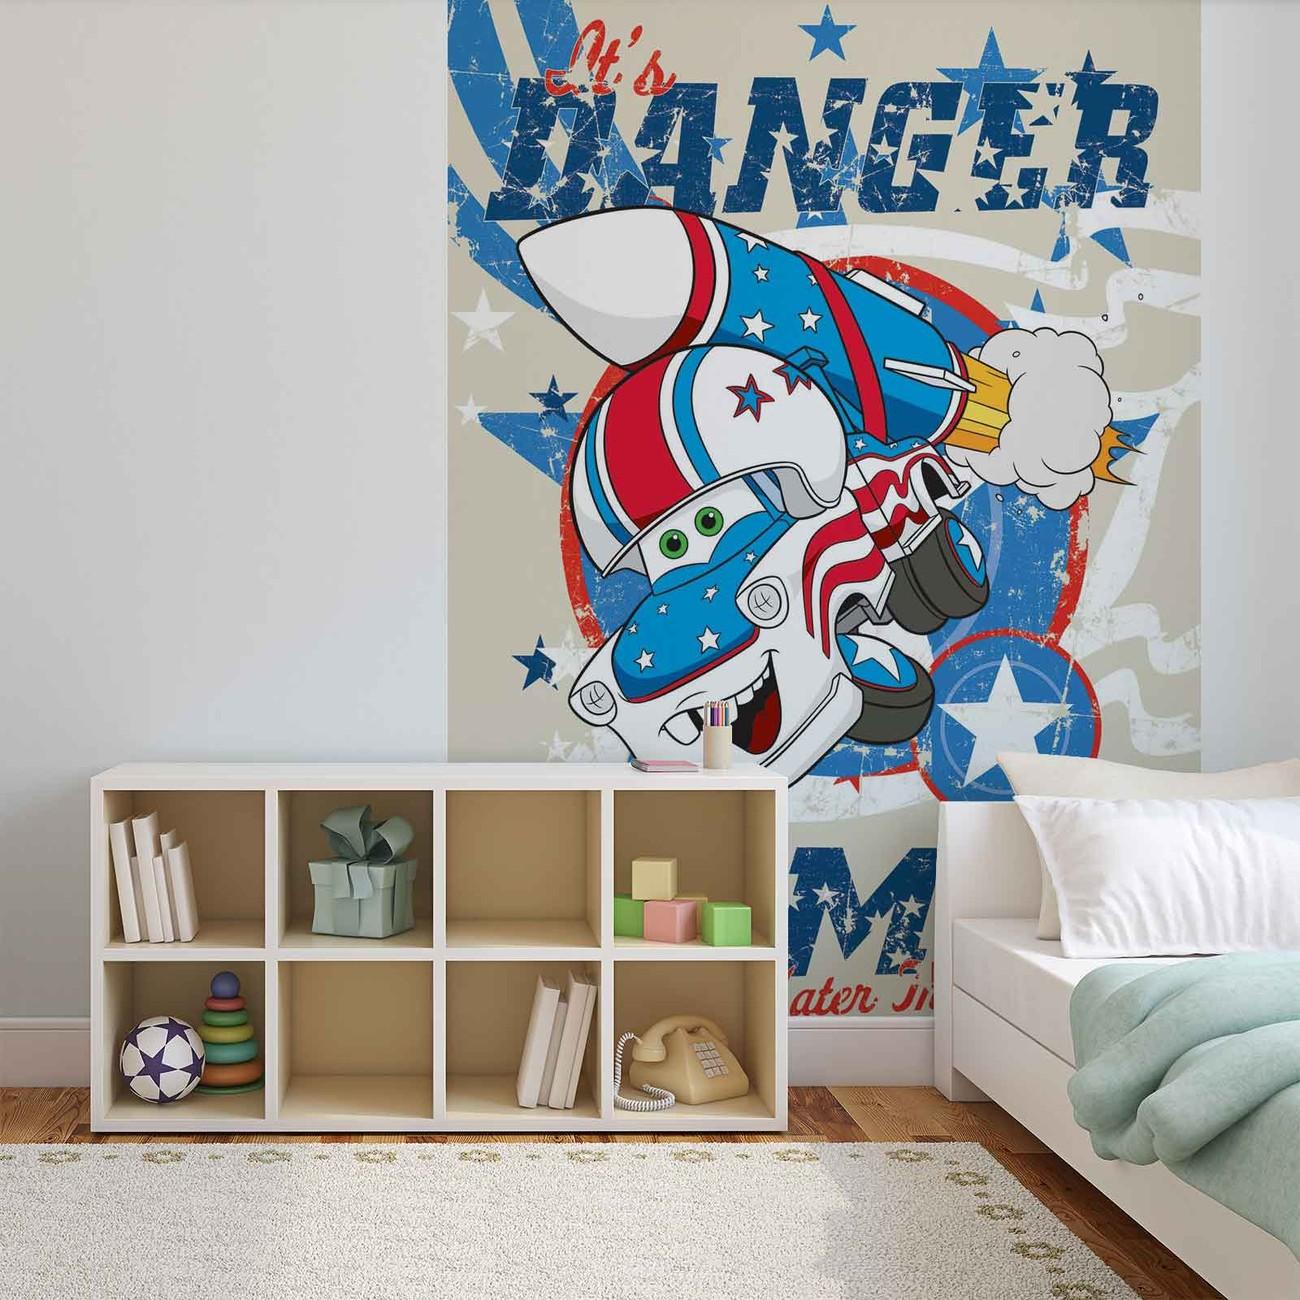 Disney cars wall paper mural buy at europosters for Disney wall mural uk